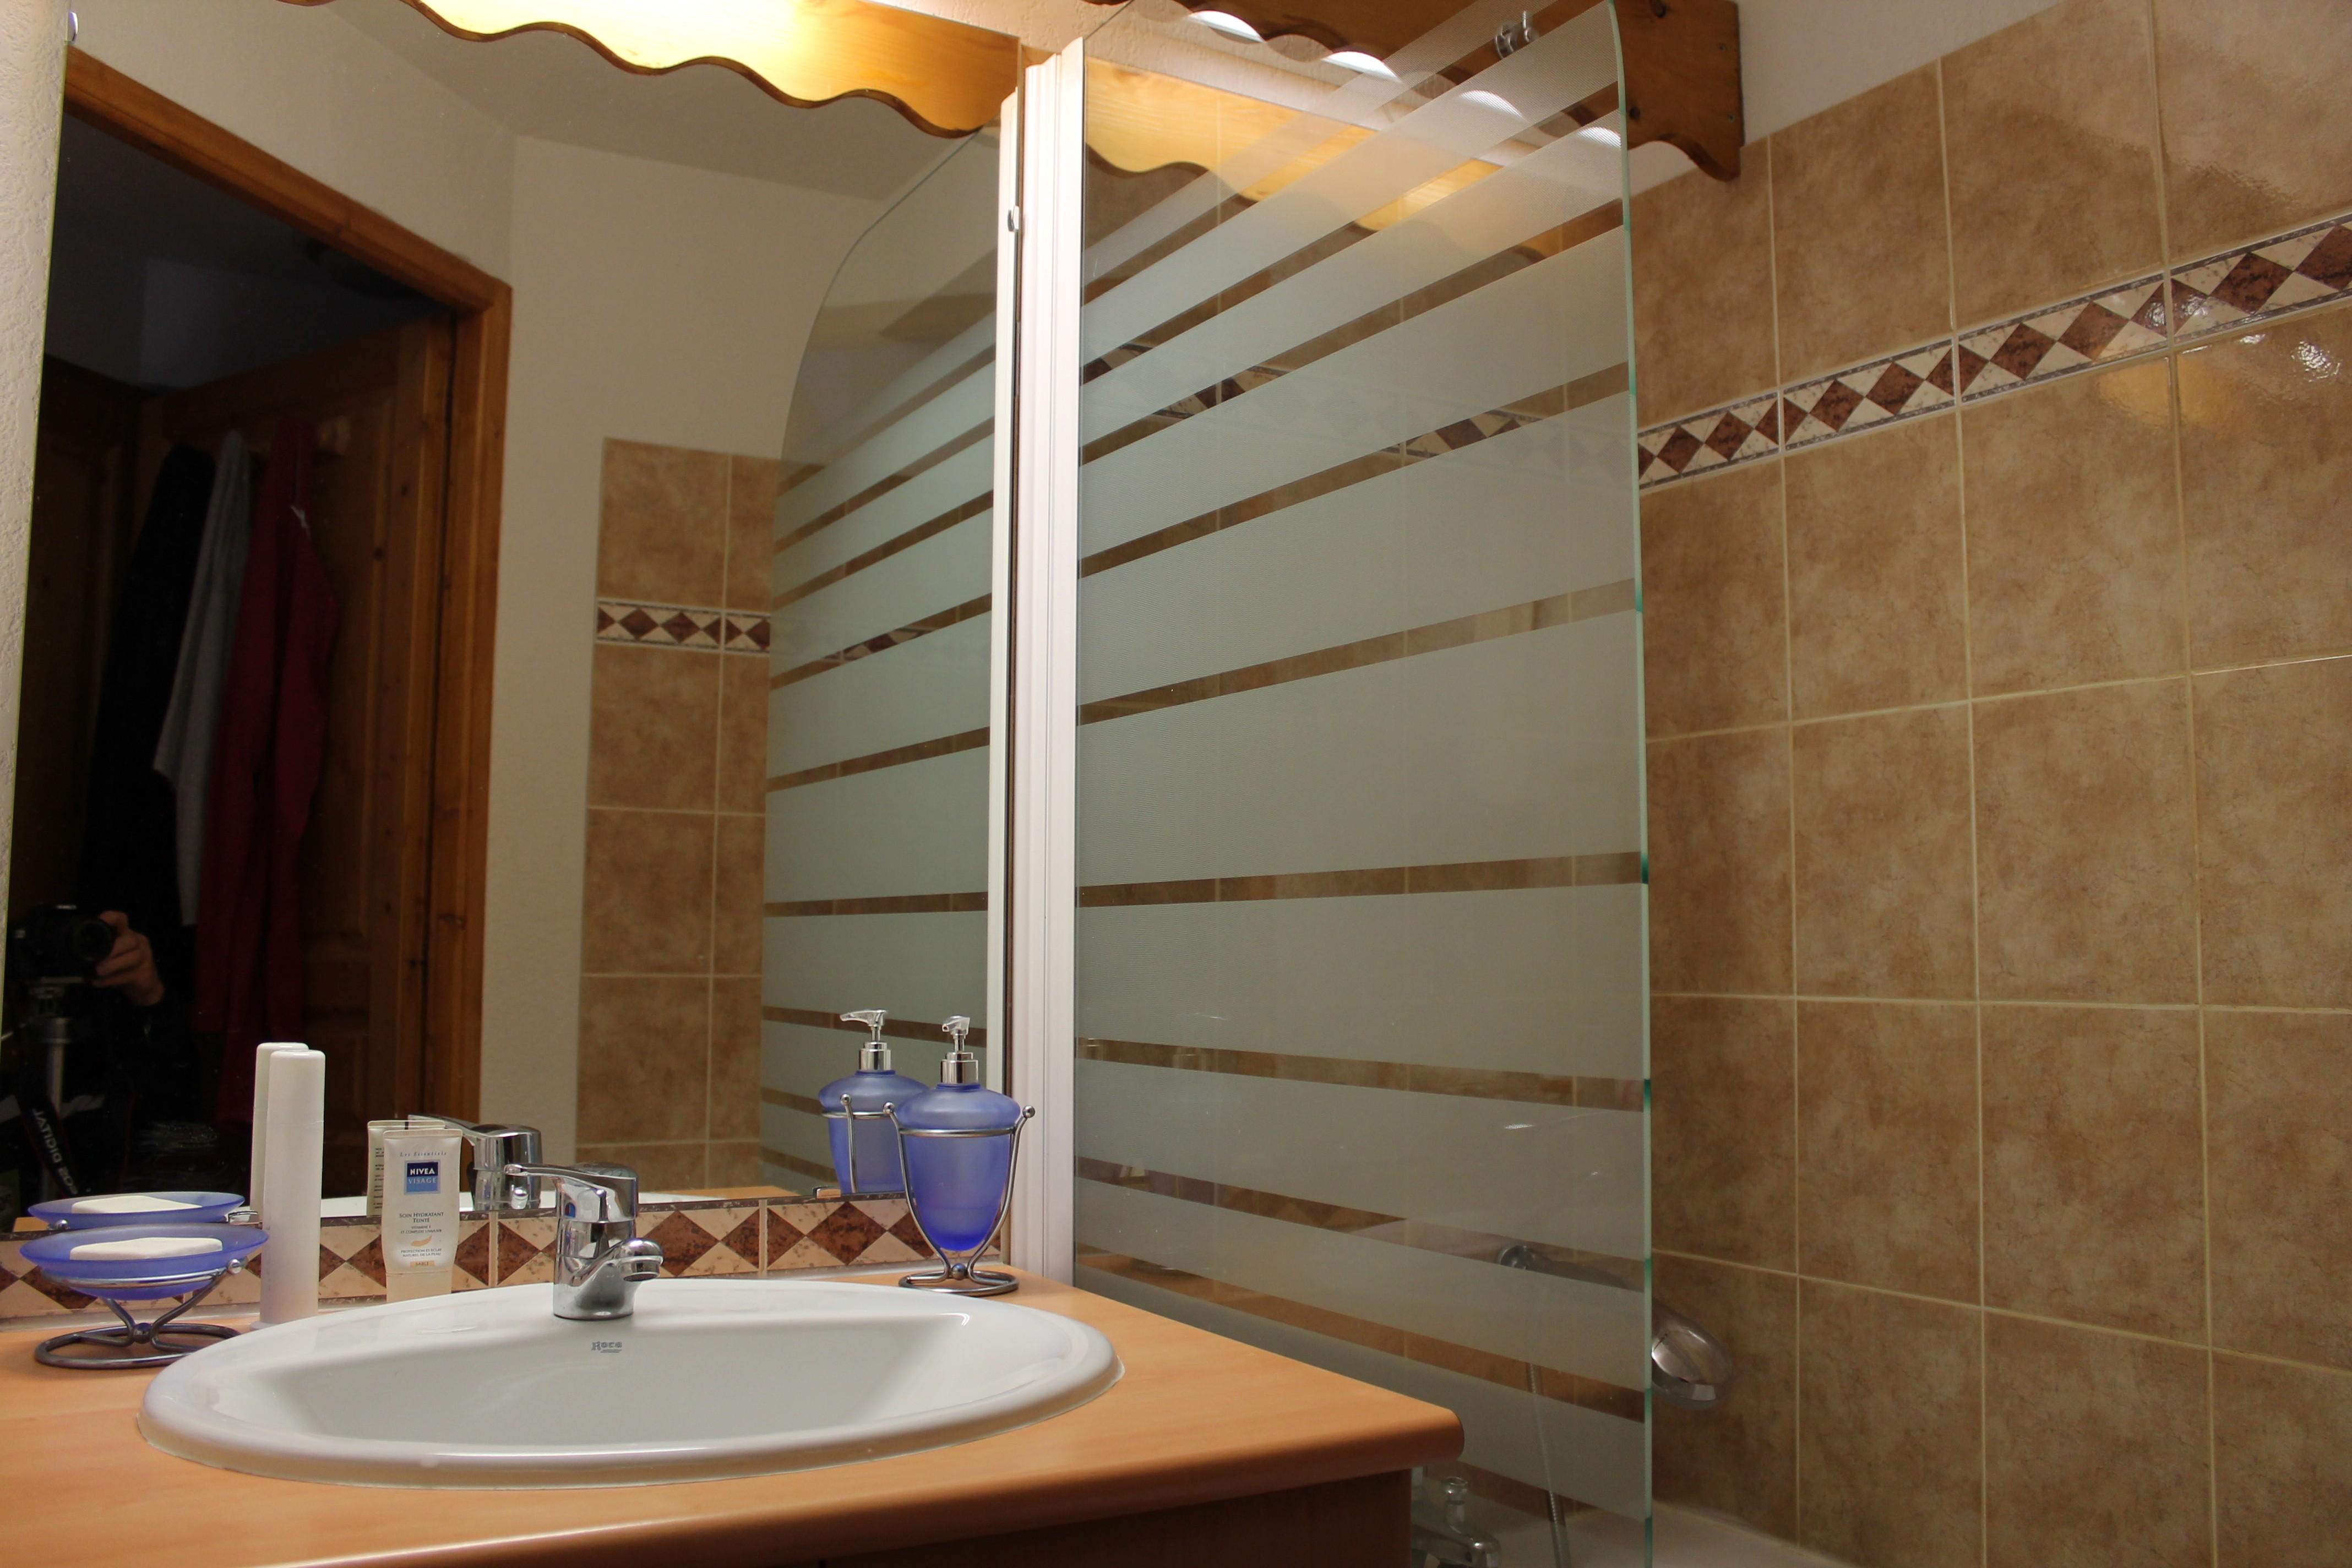 Vos vacances aux contamines montjoie for Fumer dans la salle de bain